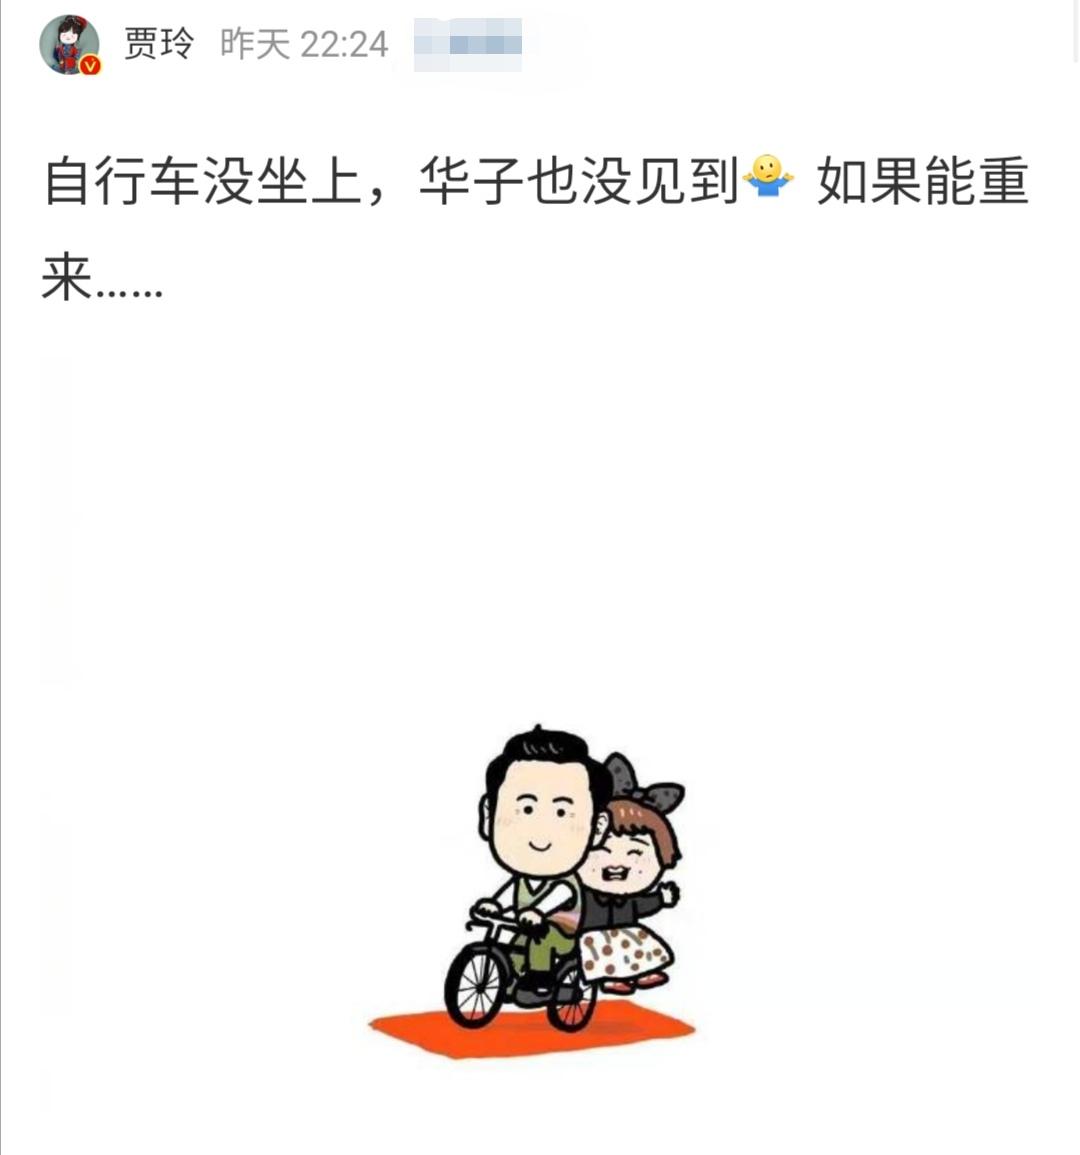 佟丽娅追星成功与刘德华合影,红色深V美艳动人,贾玲却追星失败